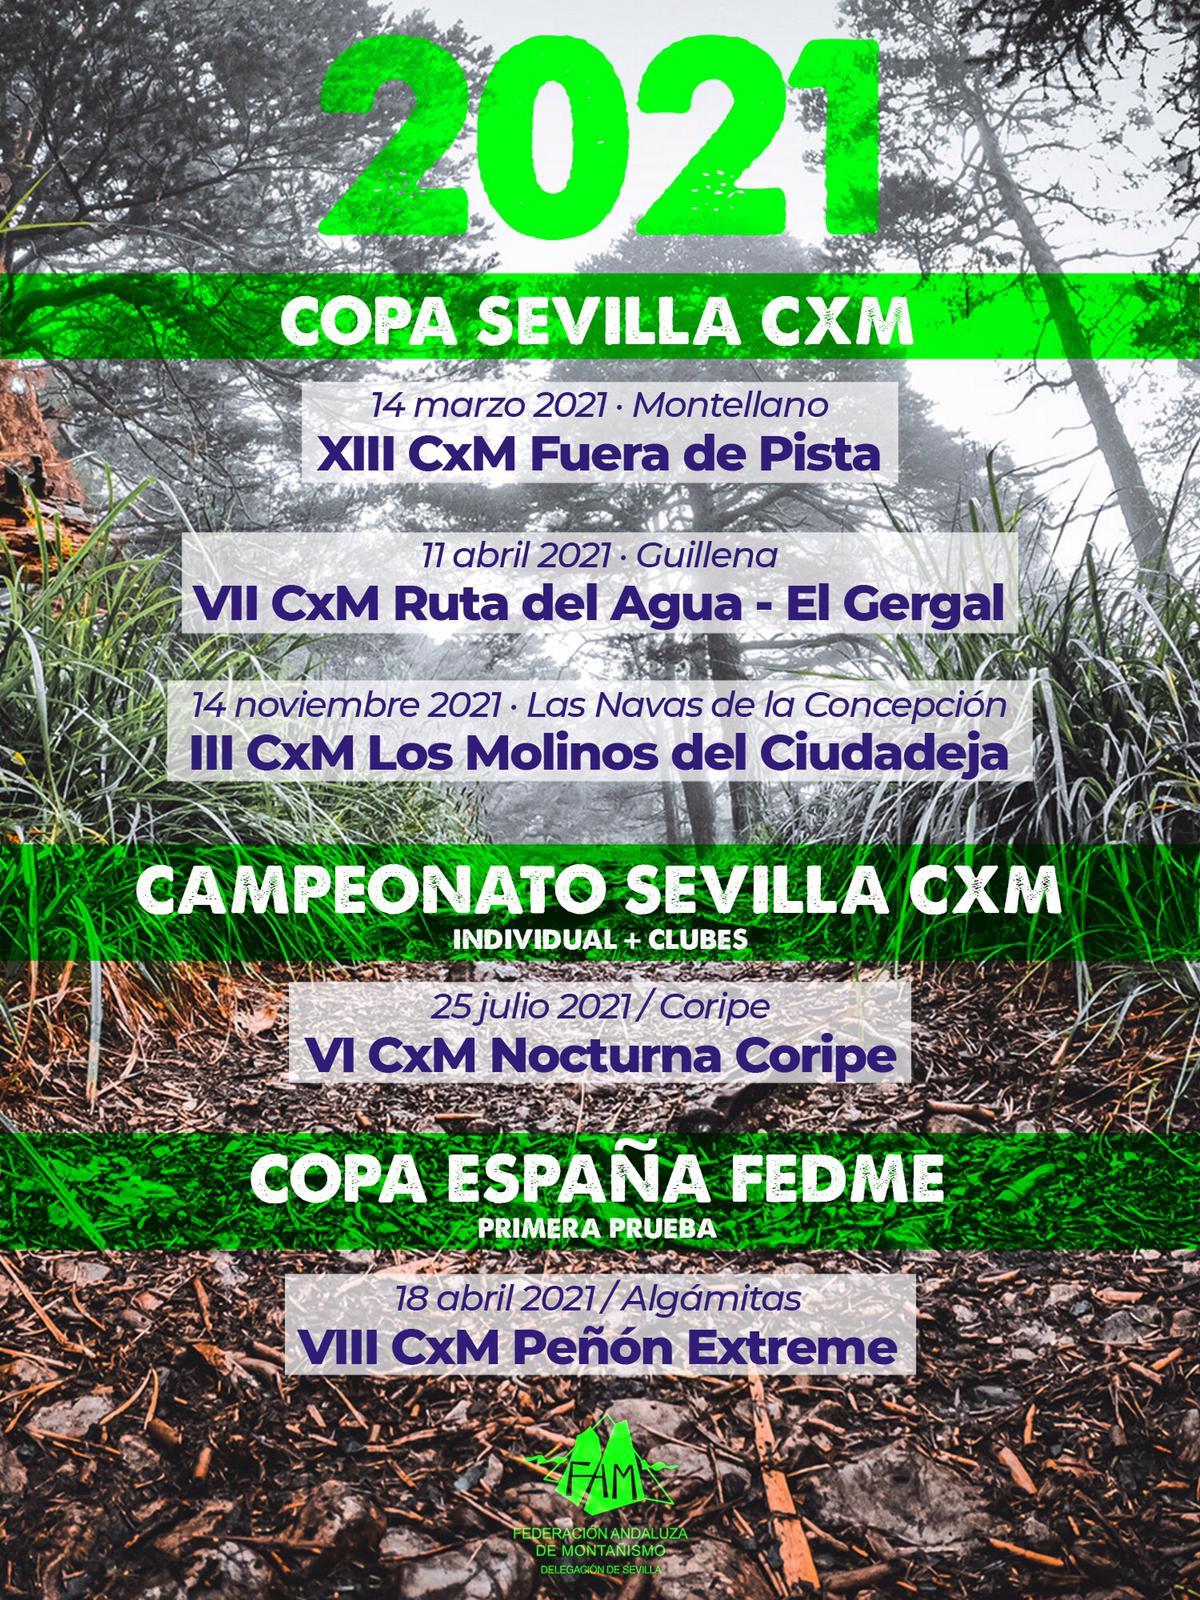 Copa Sevillana CxM